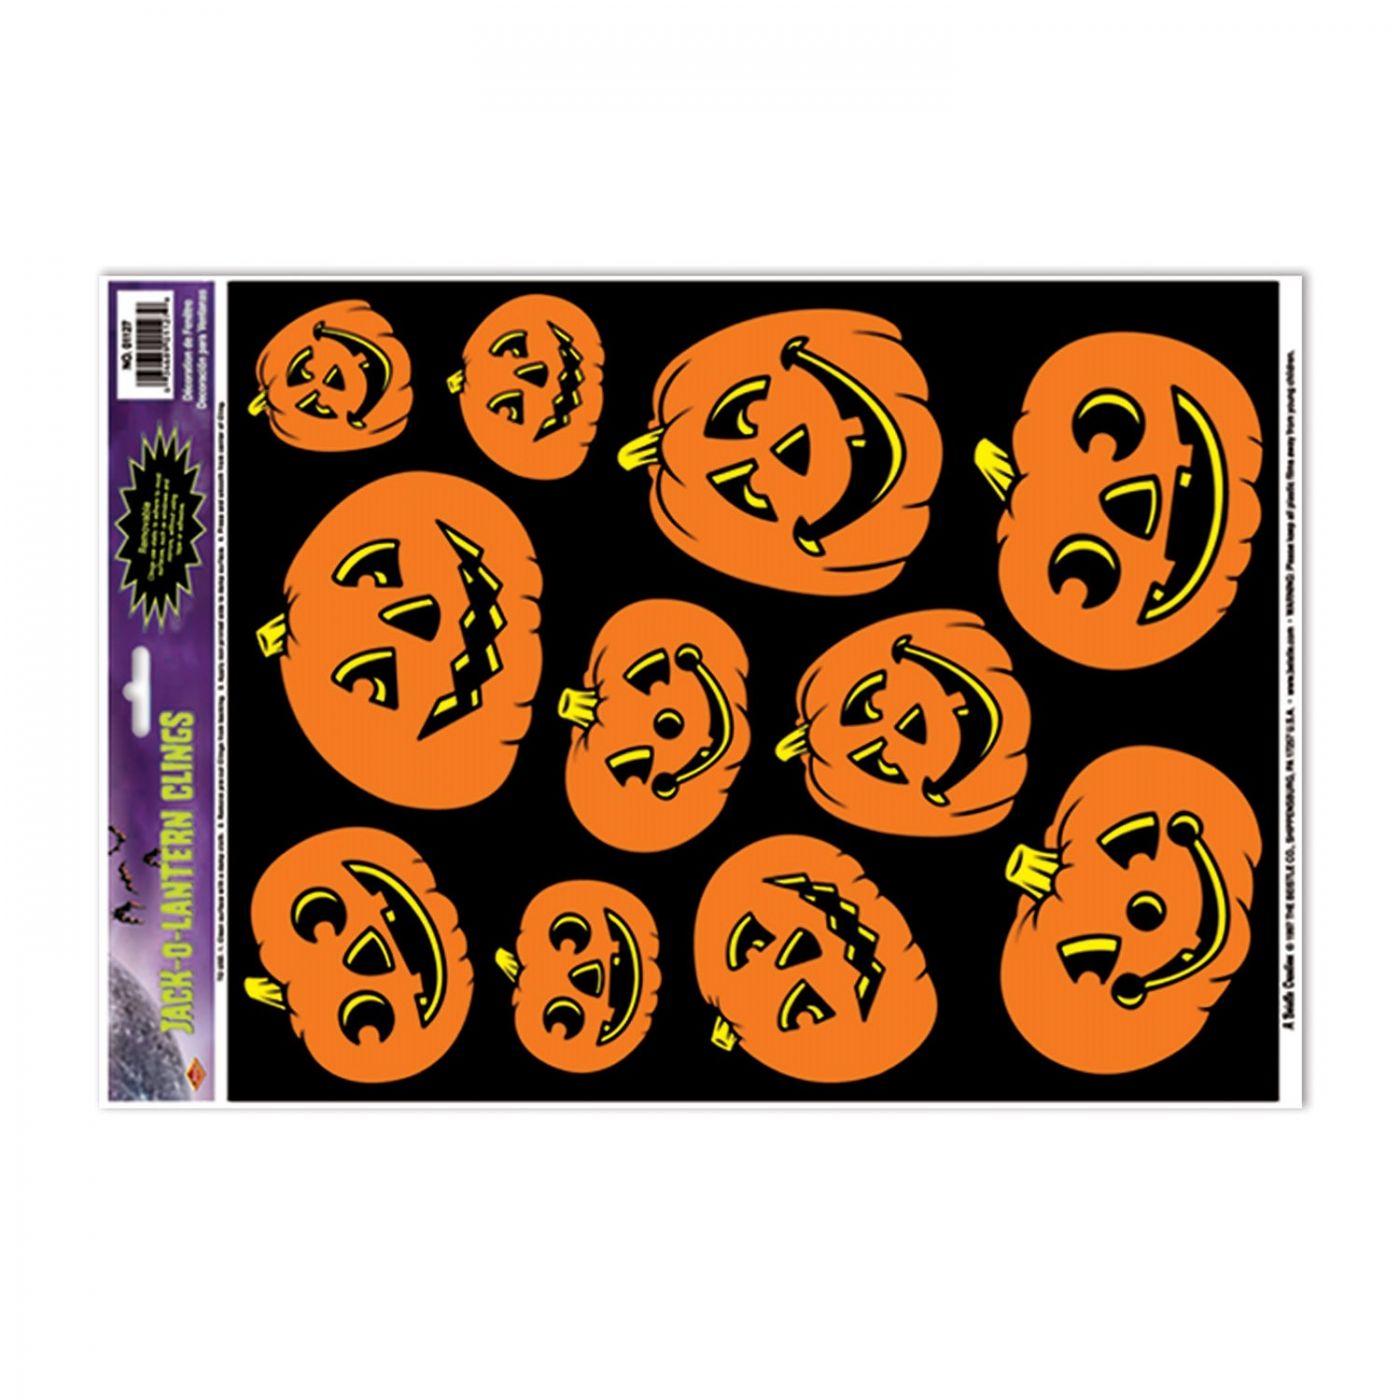 Jack-O-Lantern Clings image